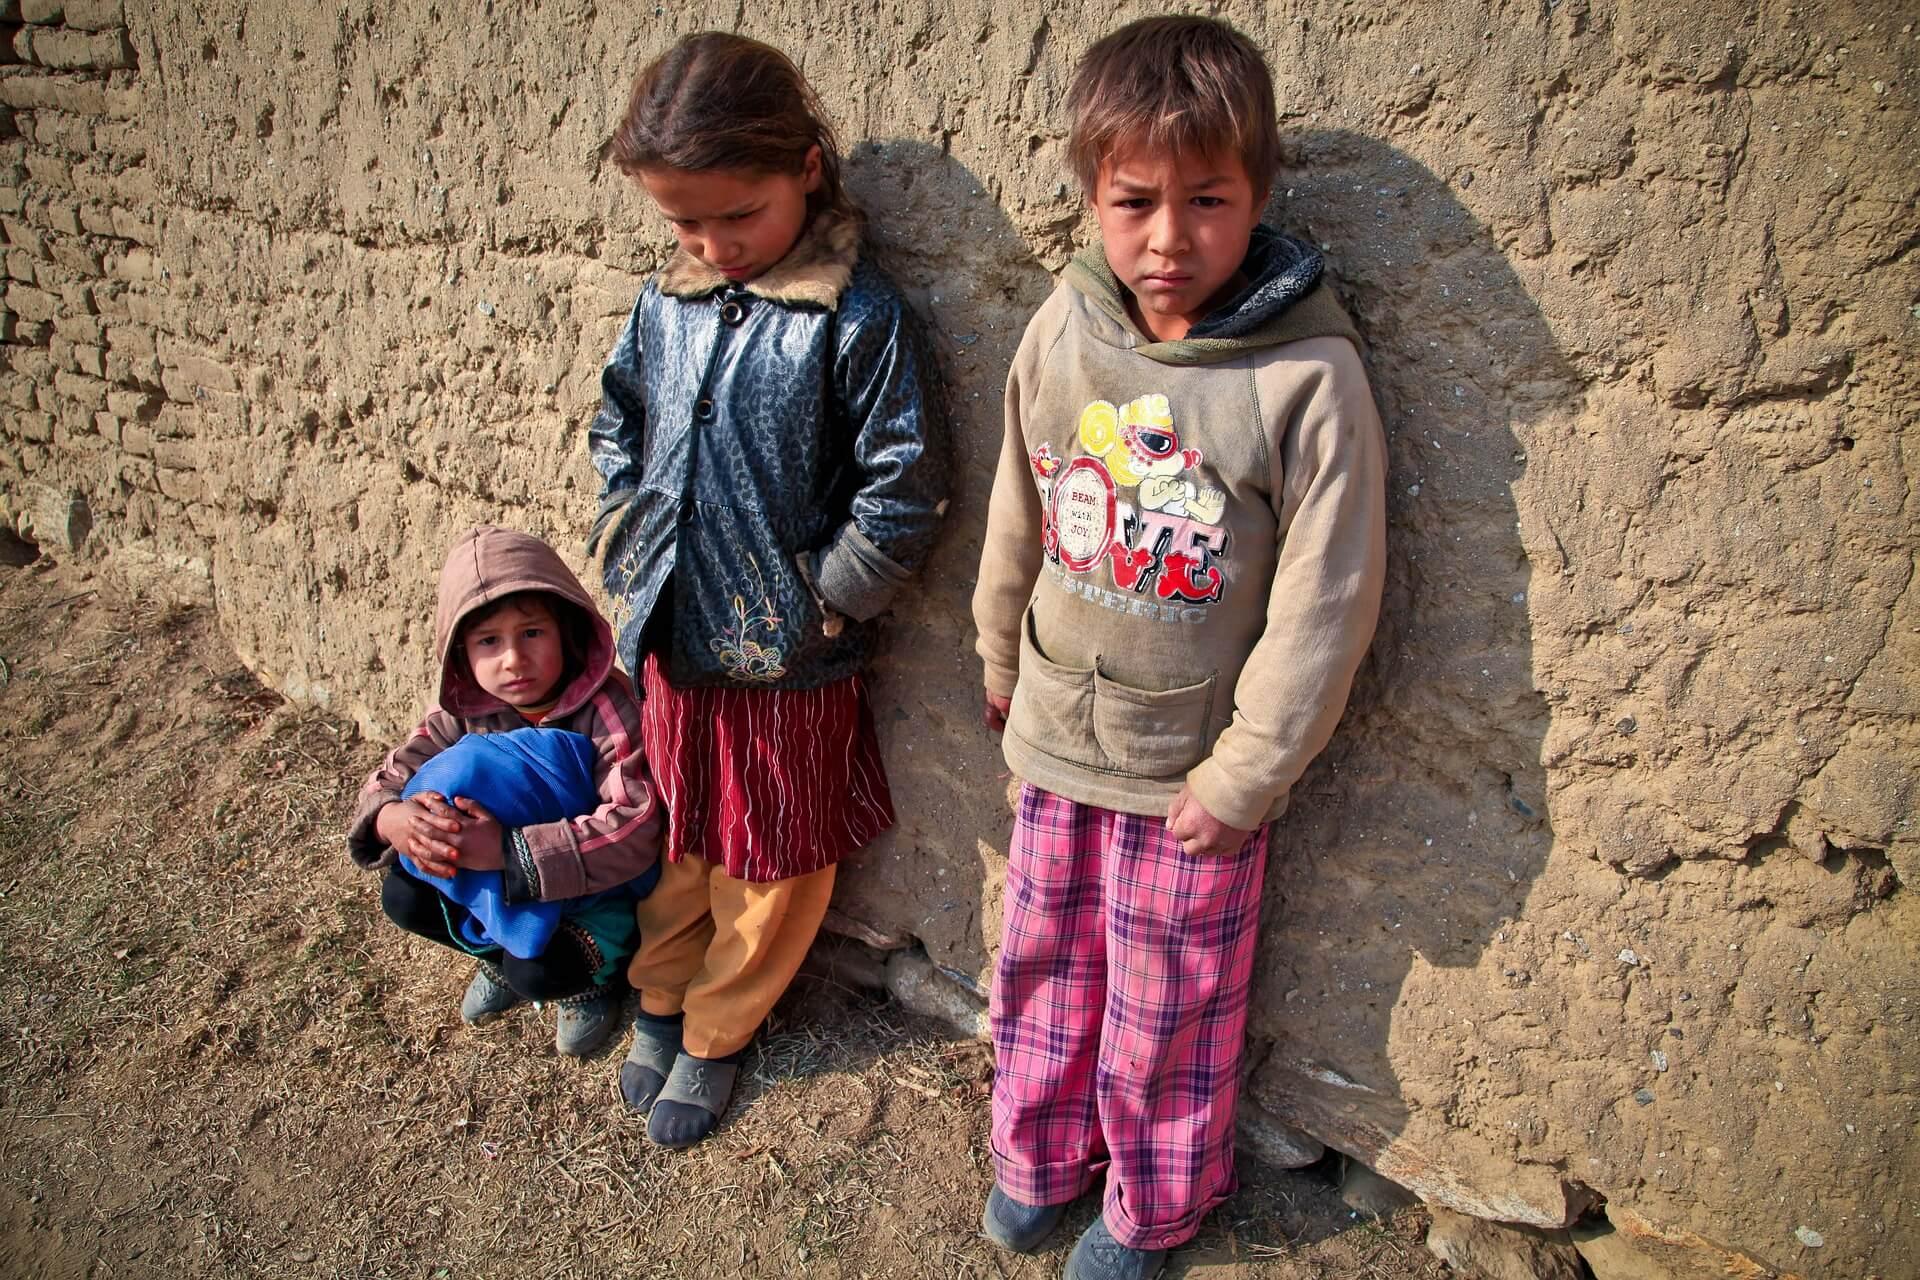 tre bambini siriani con abiti sporchi appoggiati ad un muro di pietra